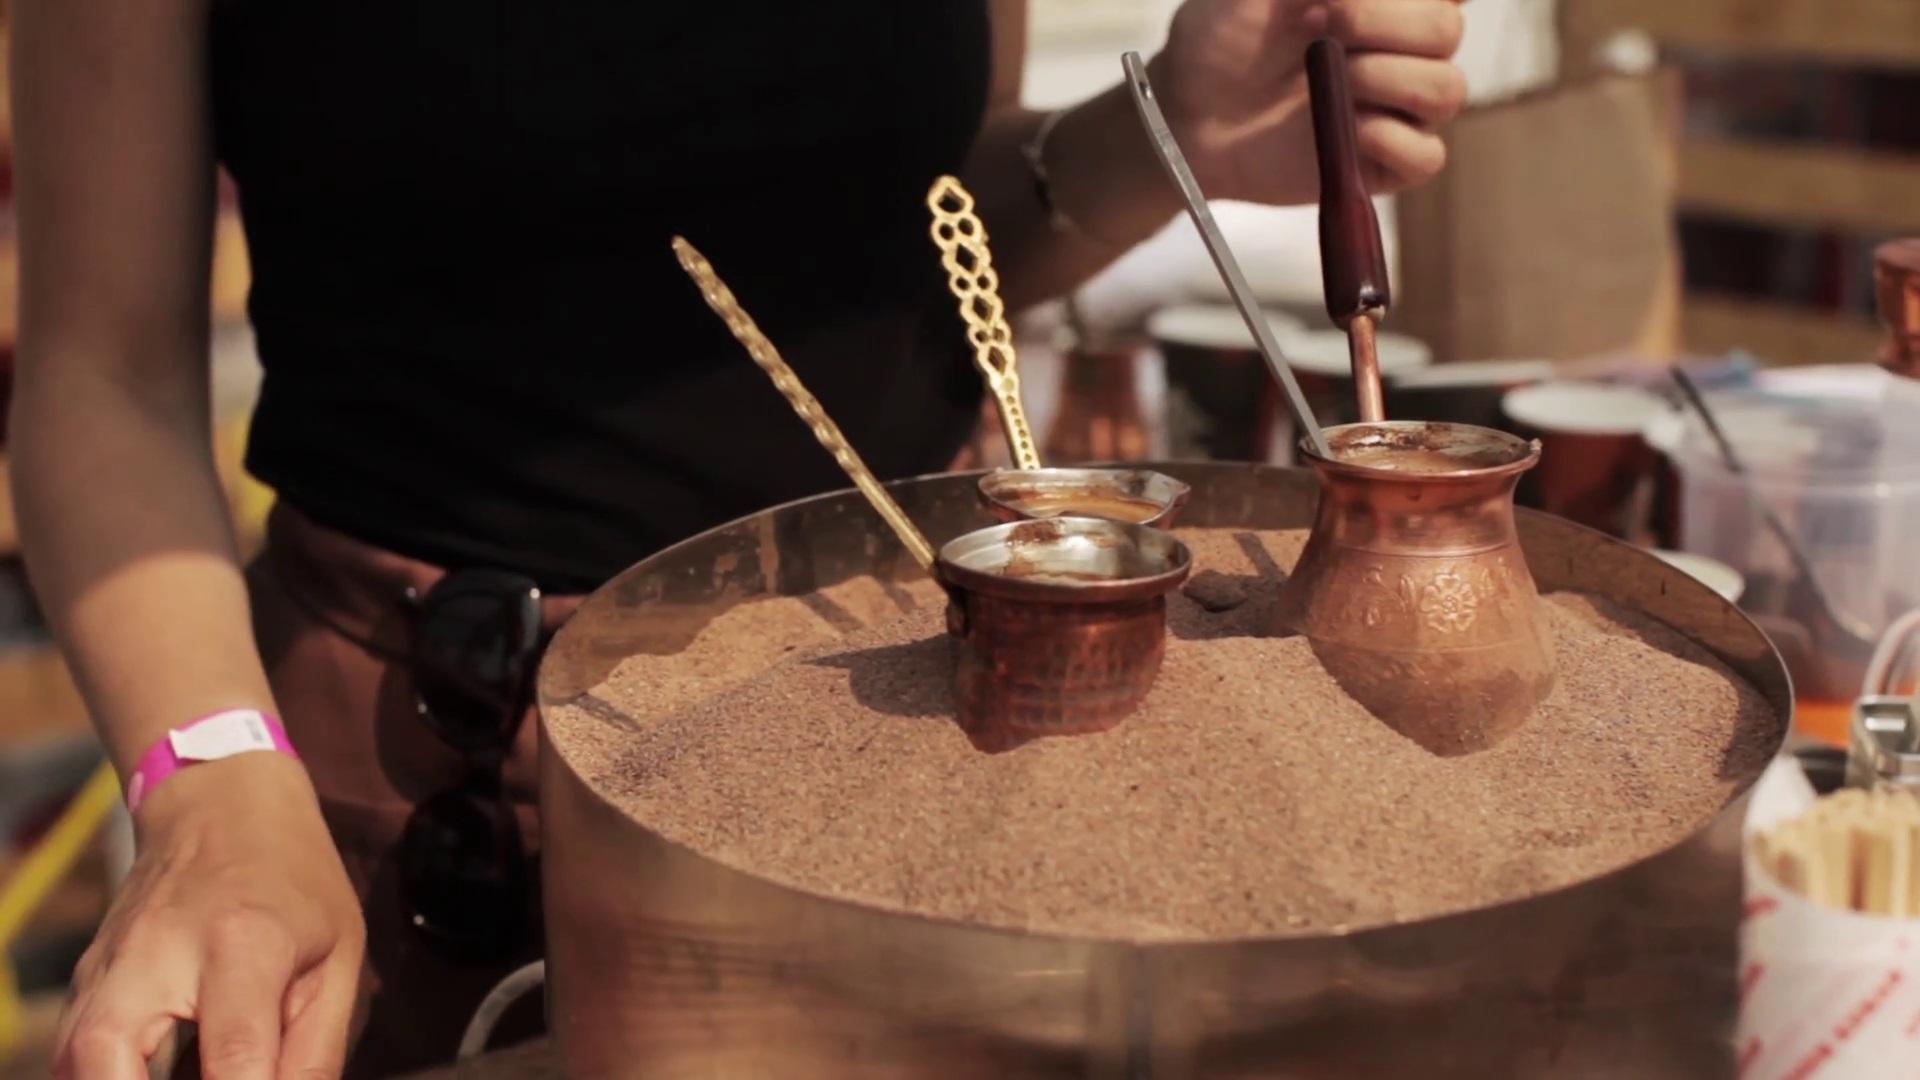 Кофе по-турецки в джезве на печи с песком